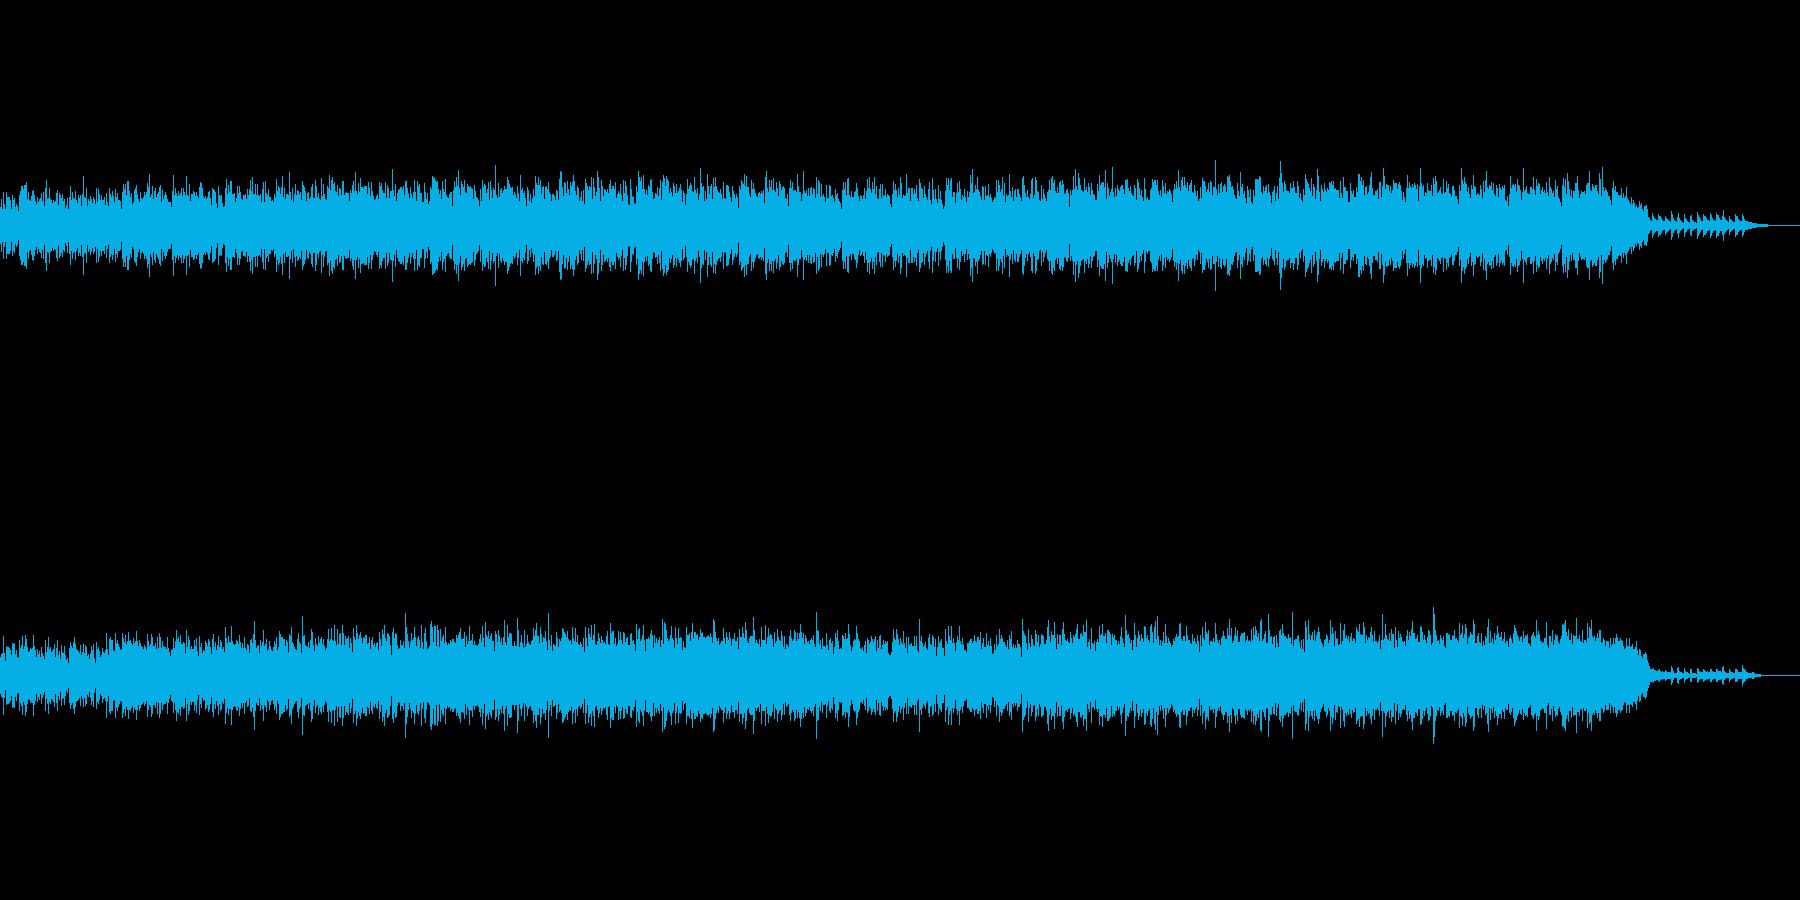 浮遊感のある演奏が印象的なアンビエントの再生済みの波形